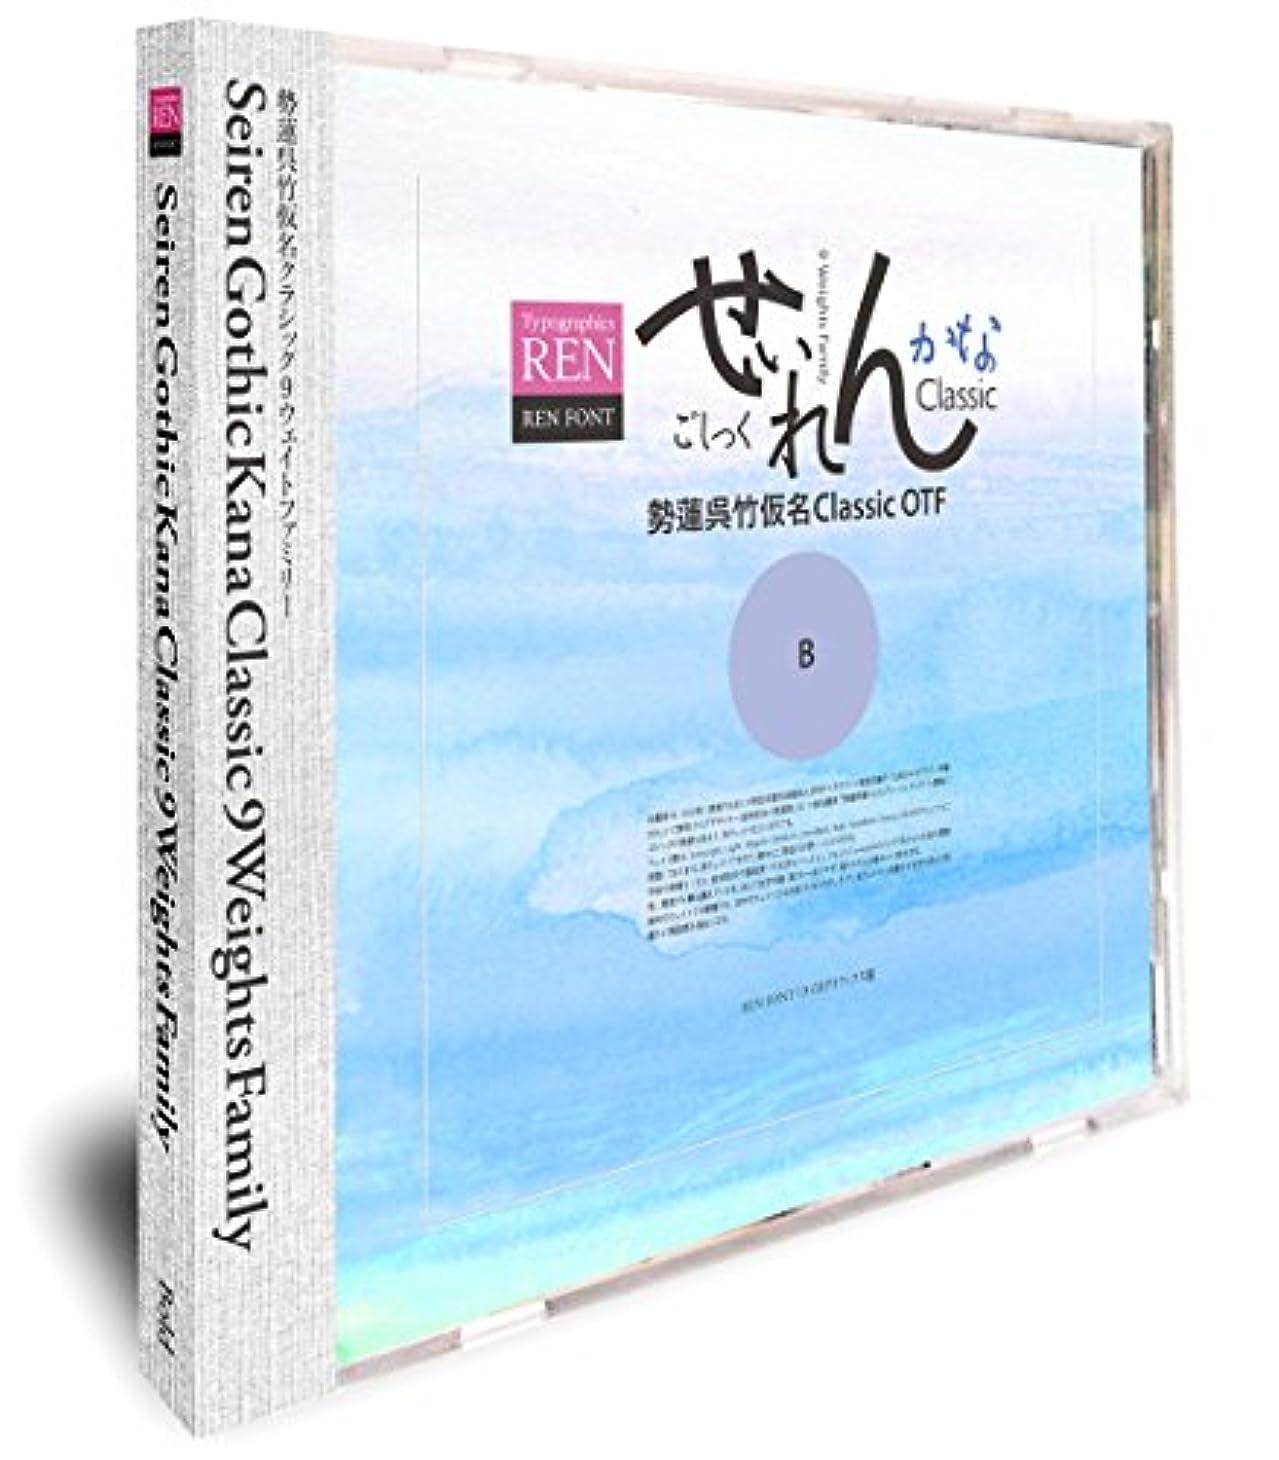 学んだカンガルーピストンゴシックを感じさせない優雅さを持つフォント、勢蓮呉竹仮名ClassicOTF-B Win